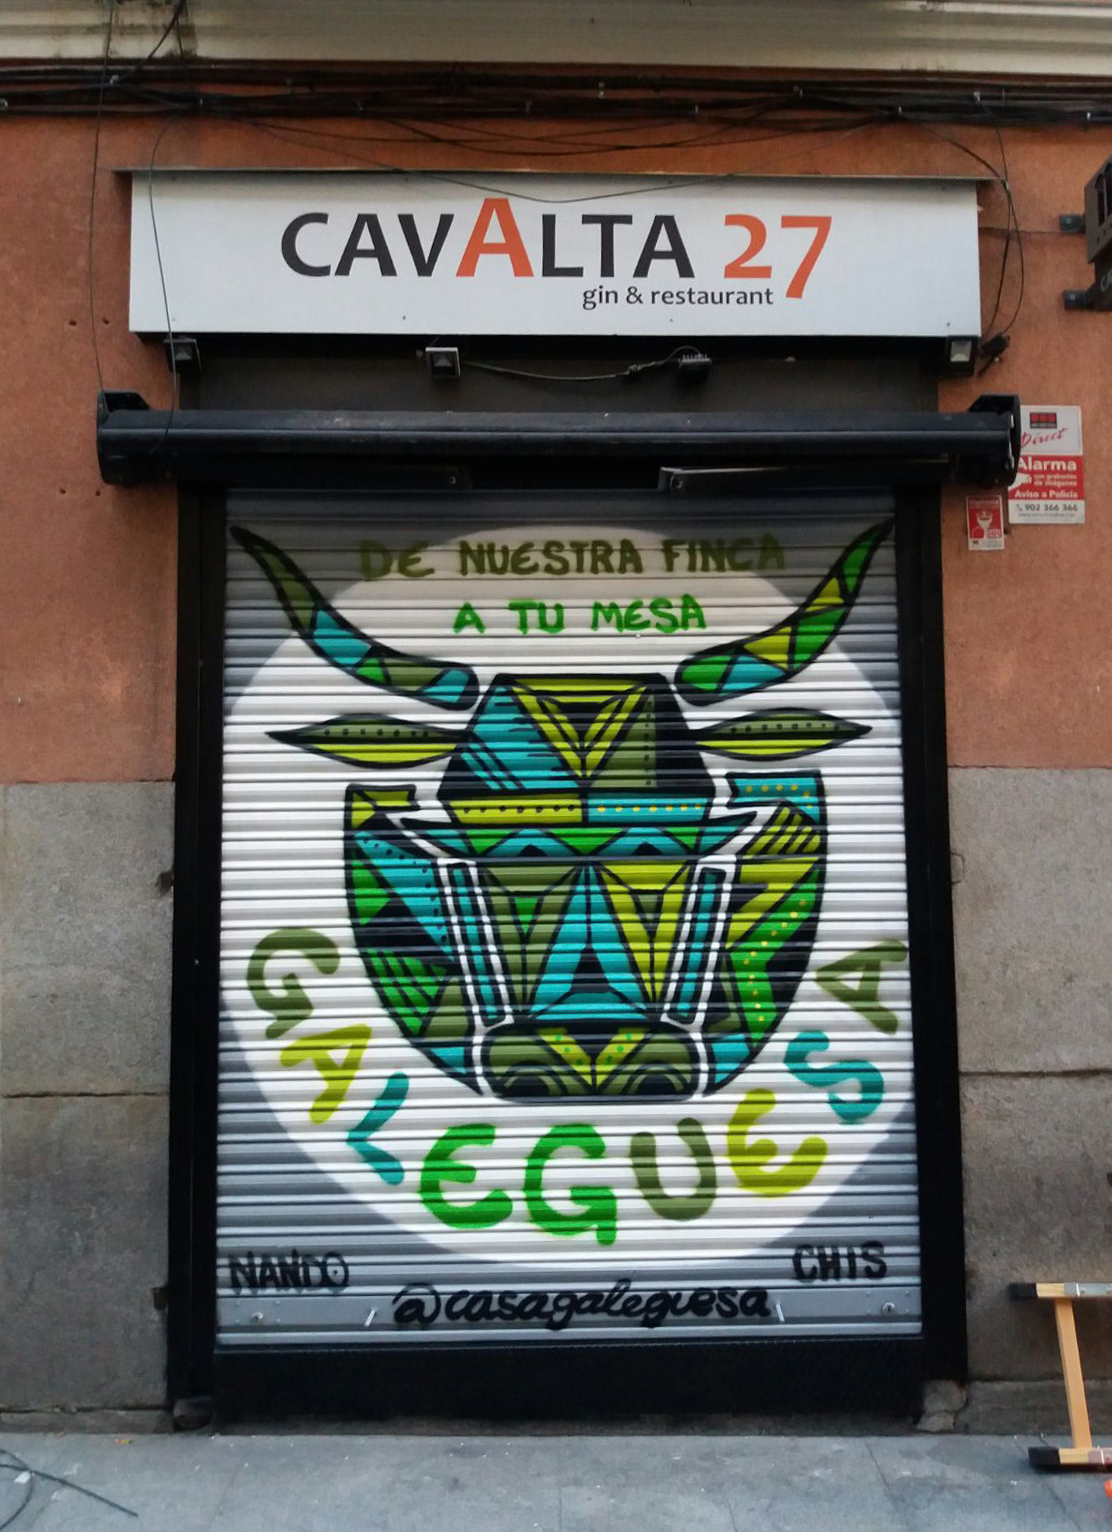 Unha enseña galega de hamburgueserías aterriza en Madrid